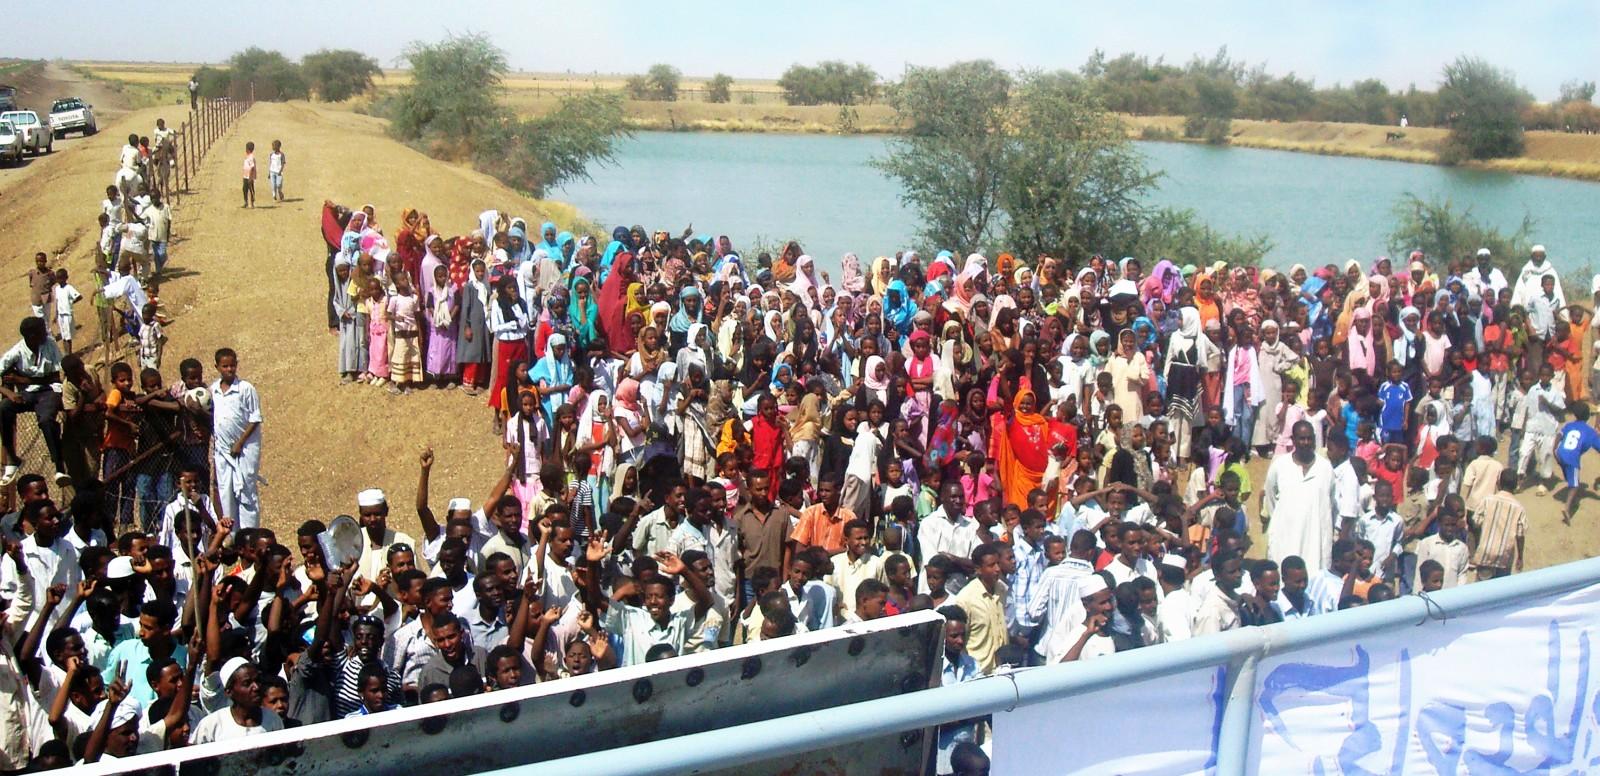 Einweihung einer Trinkwasser-Kompaktanlage im Sudan